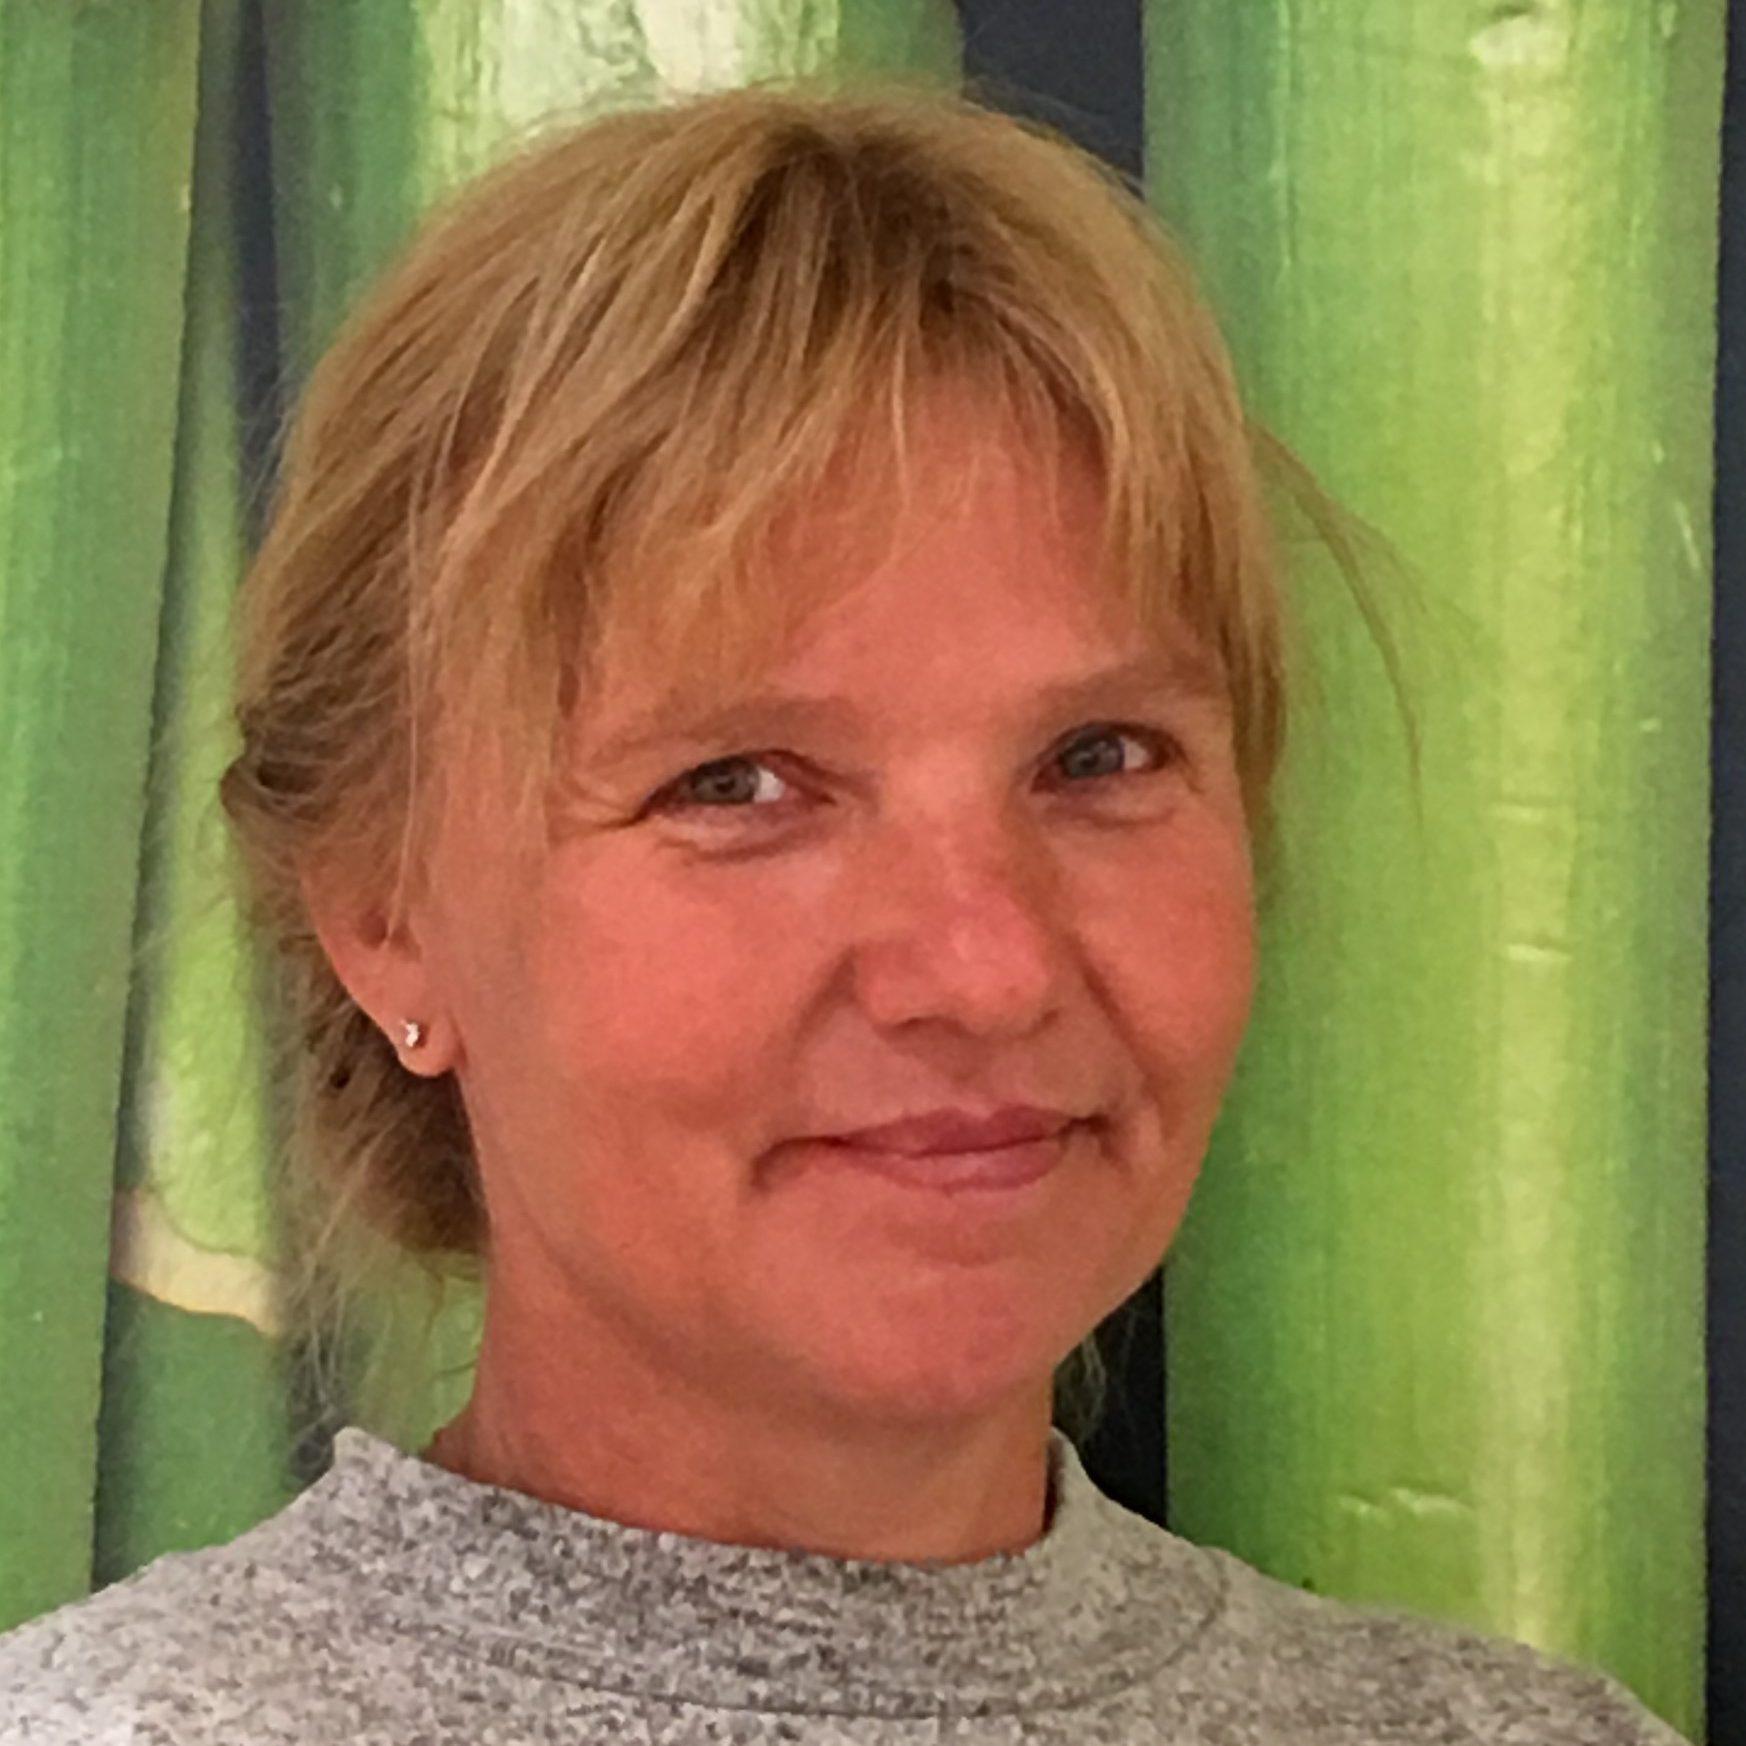 Hanne Lauridsen